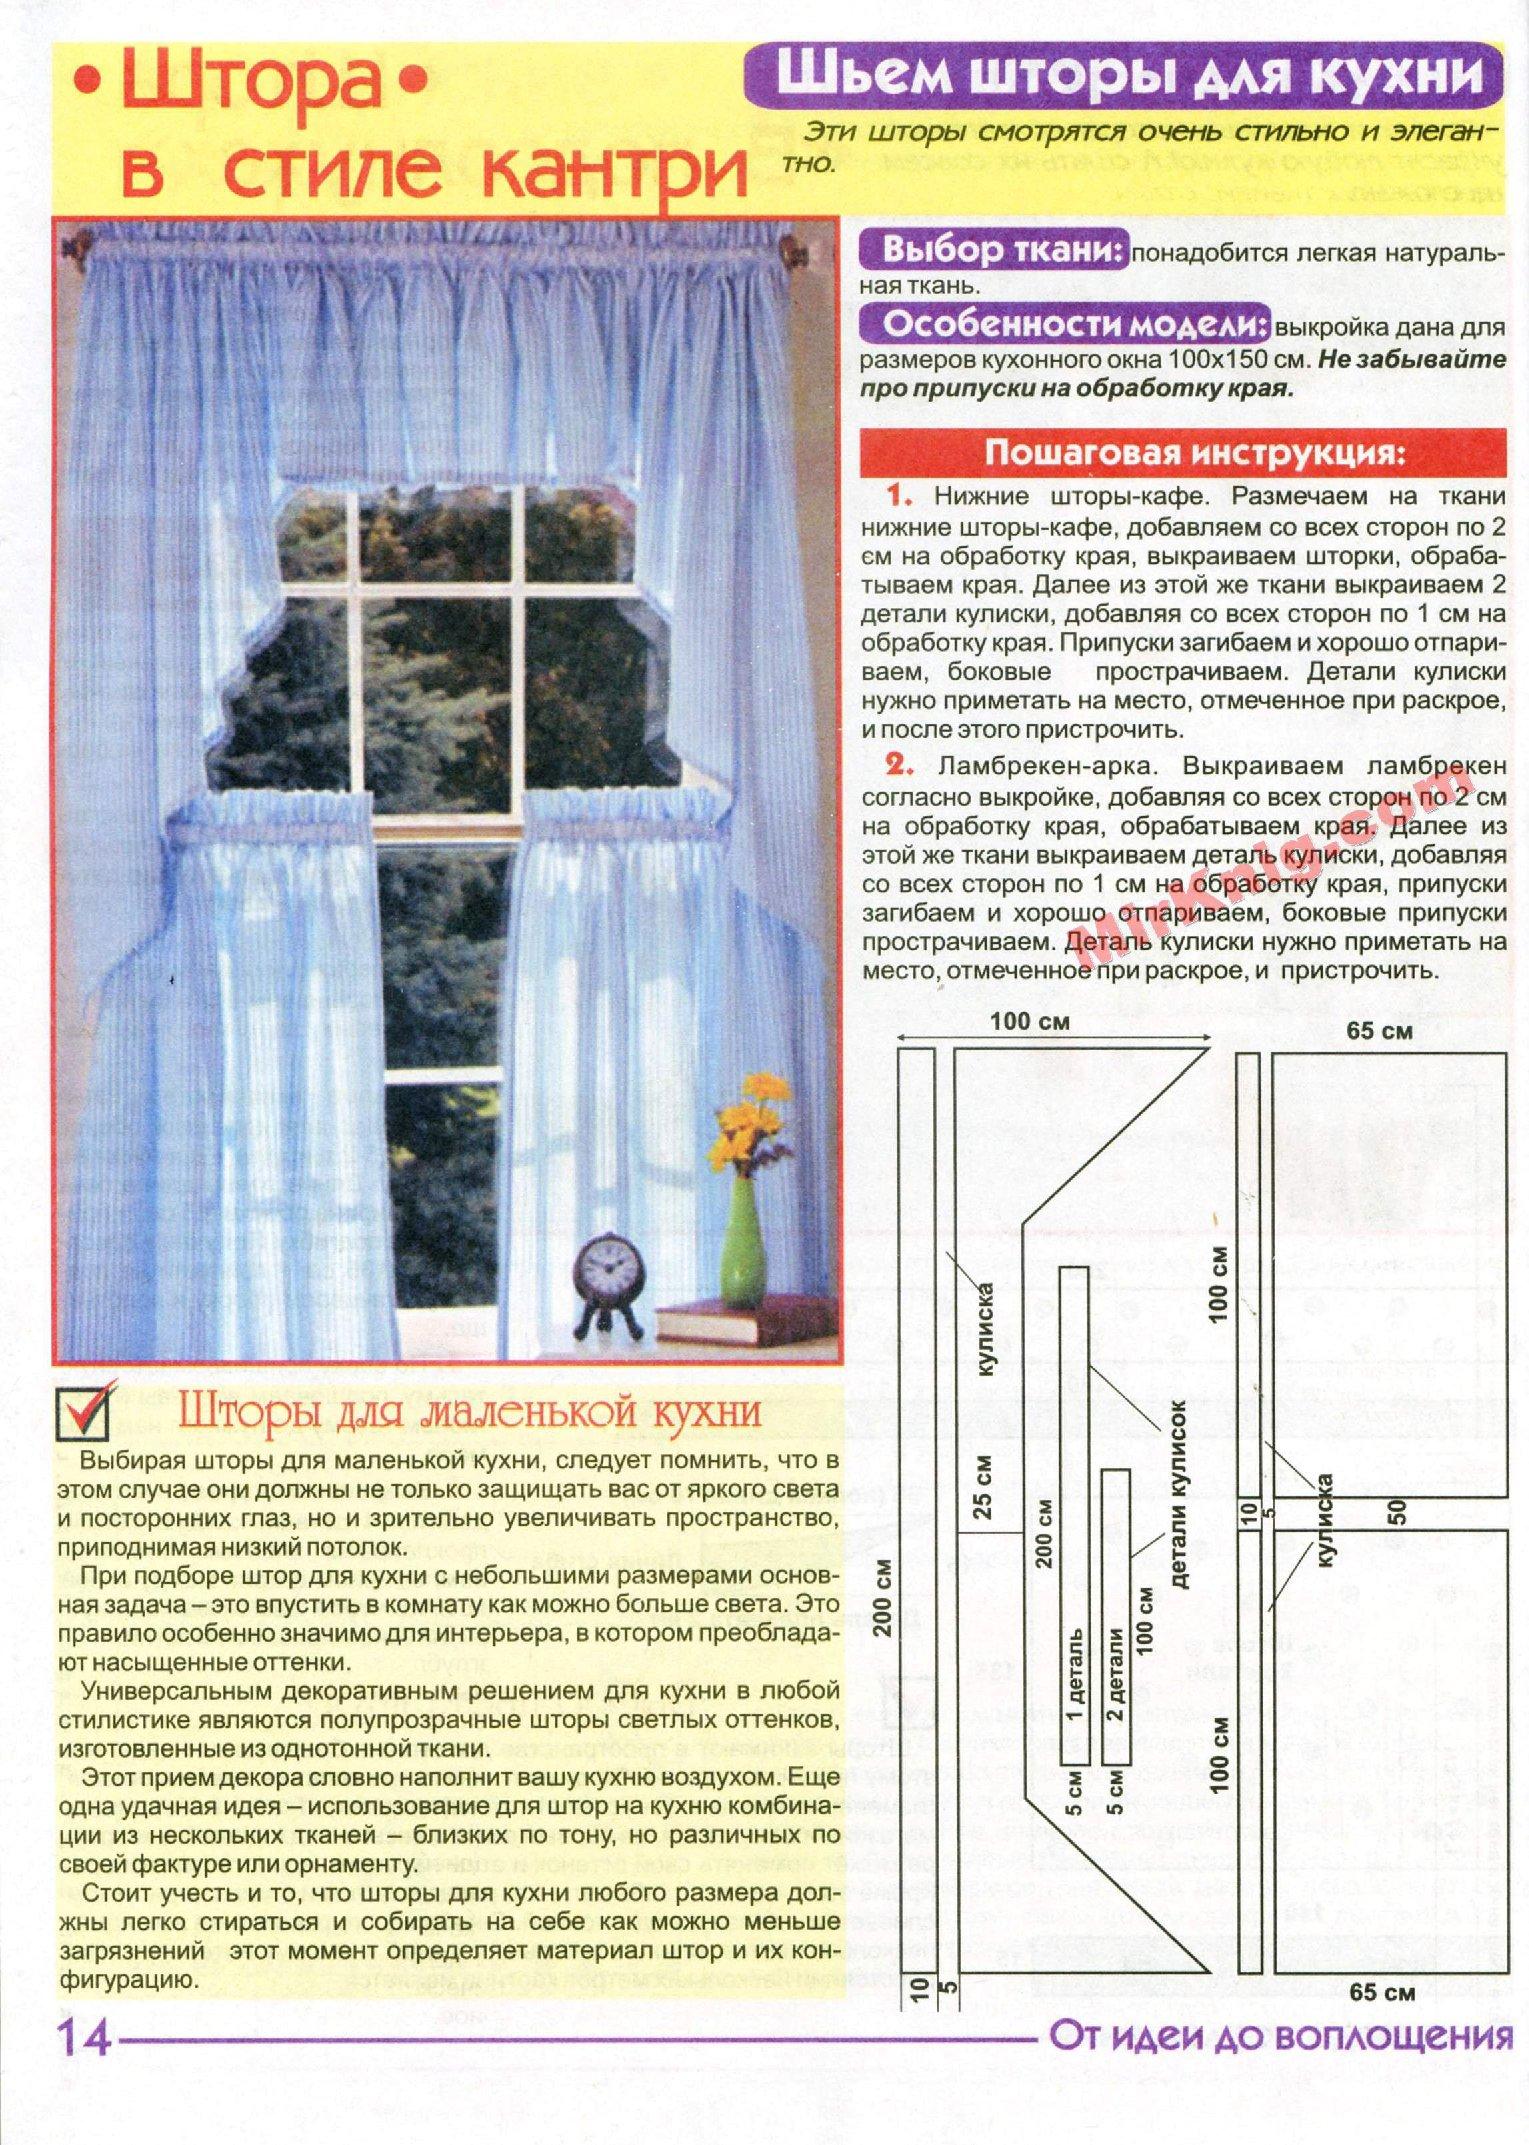 Тюль пошаговая инструкция